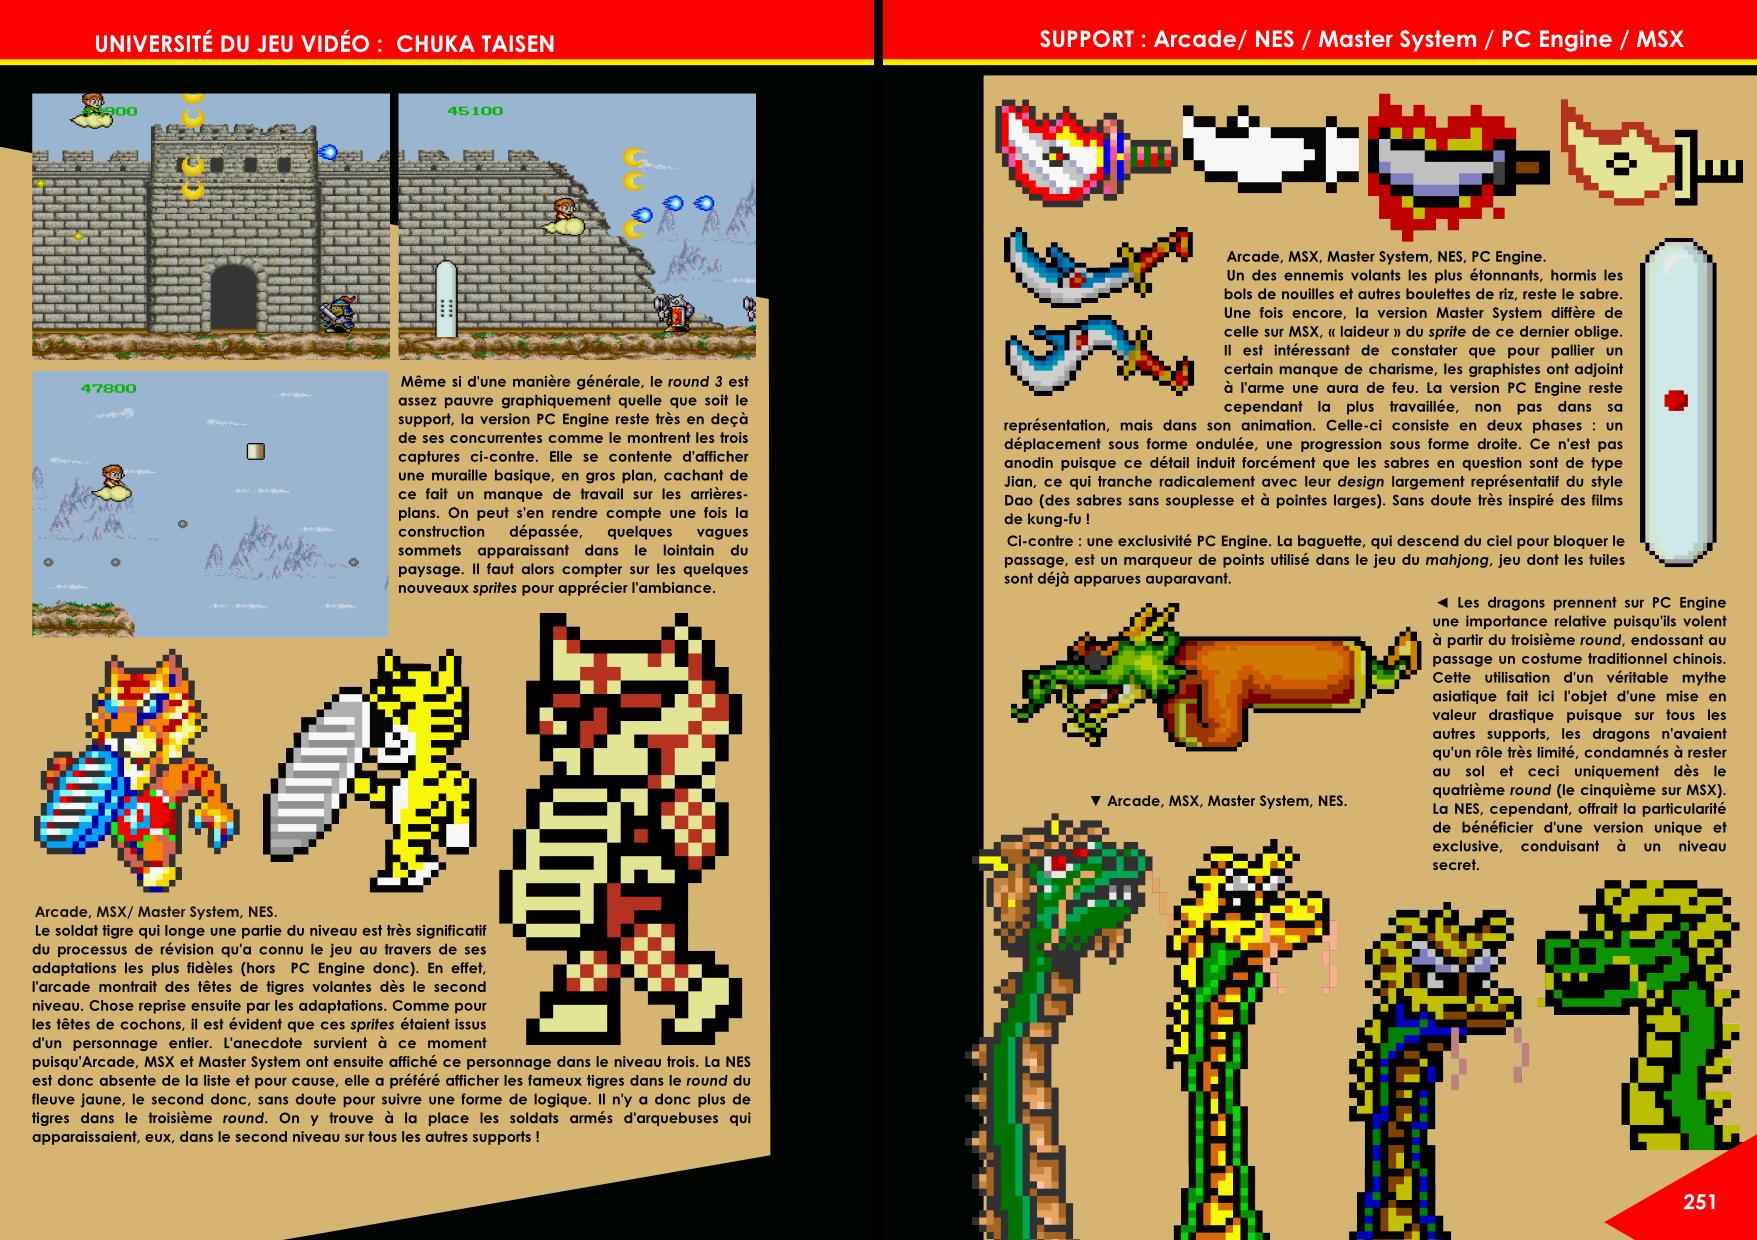 Chuka Taisen Arcade, Famicom, NES, Master System, PC-Engine et Master System article de Côté Gamers